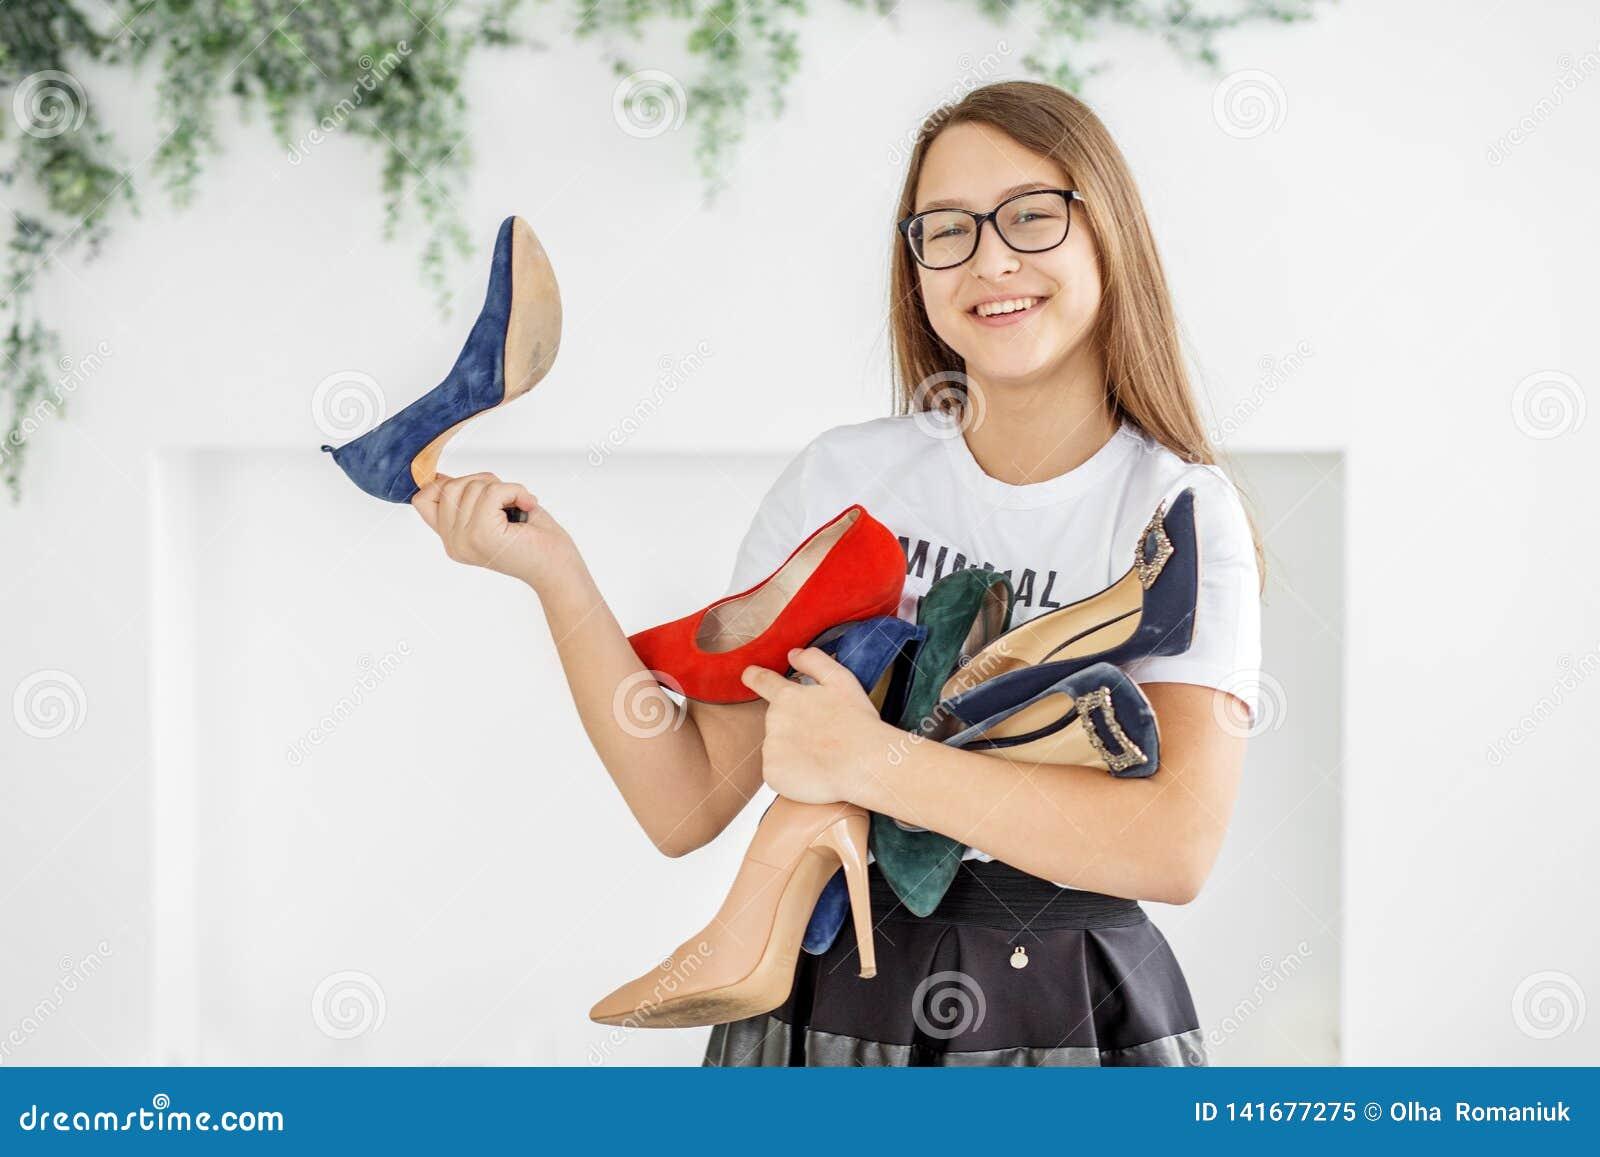 sale smiling shoe